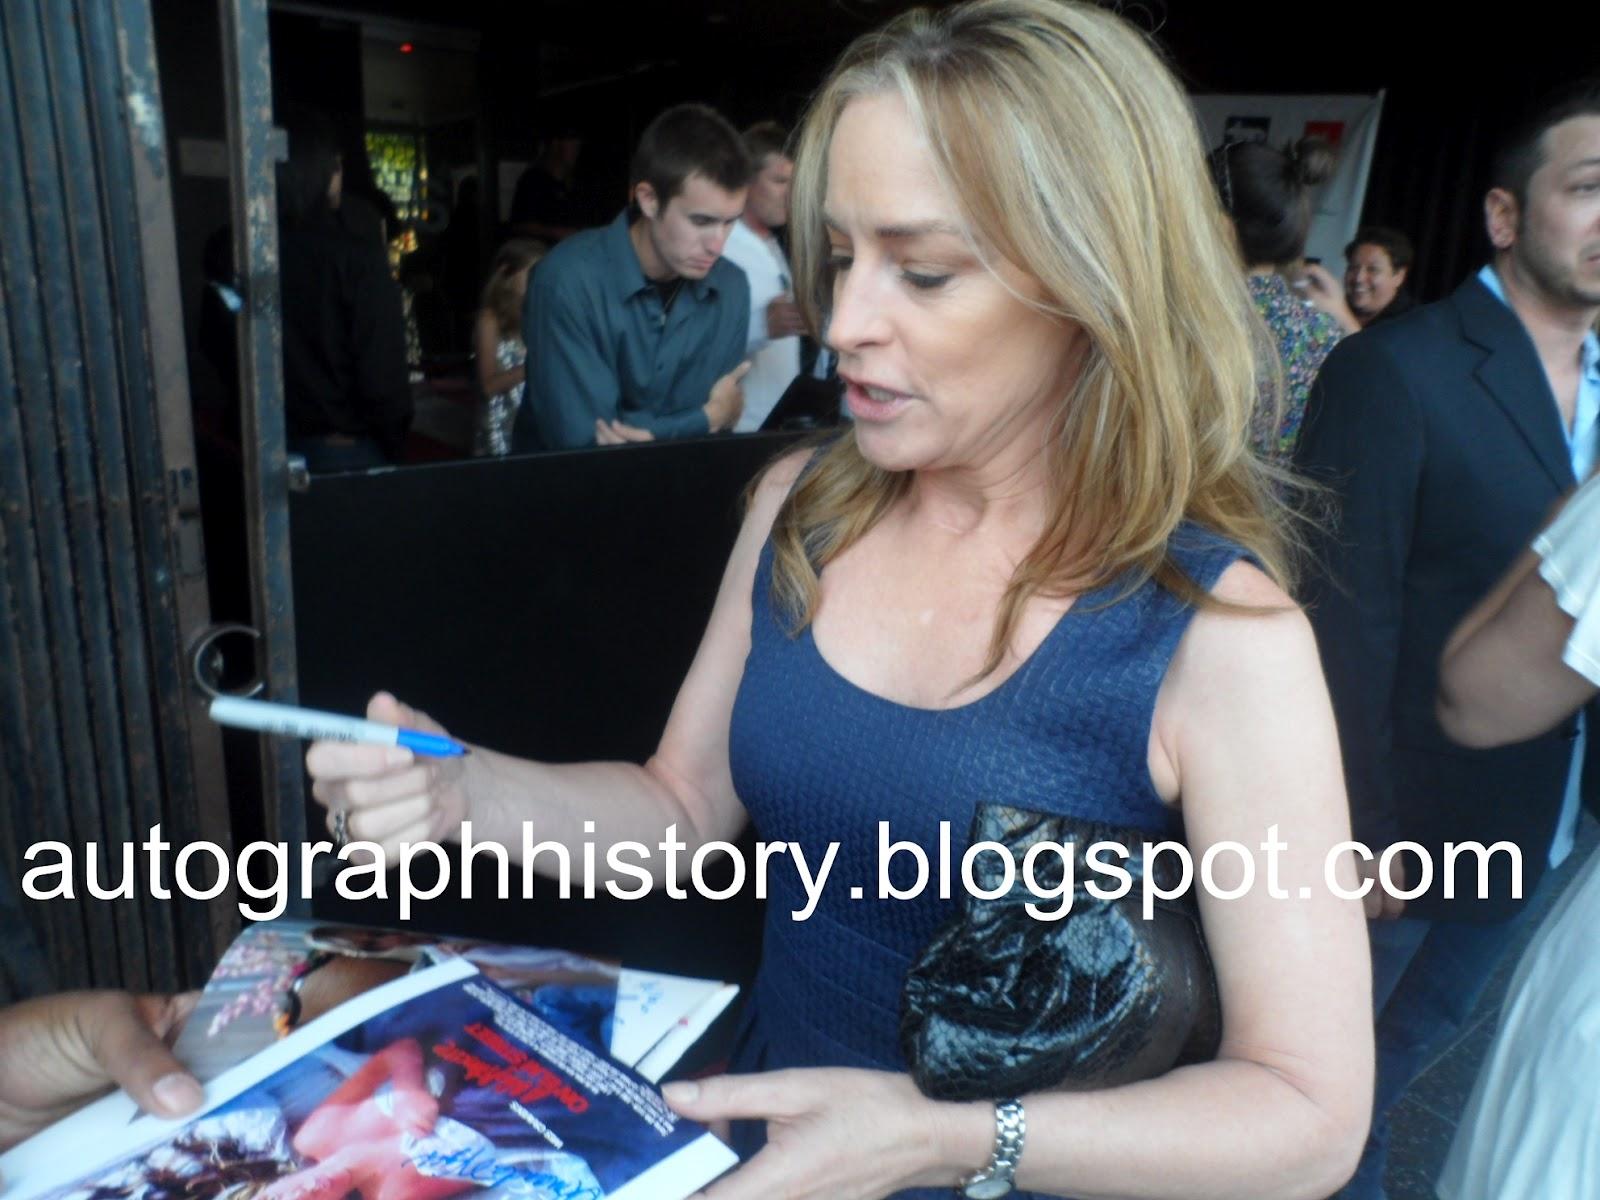 Amanda Wyss Photos will the autograph guy: sprawl movie premiere w amanda wyss